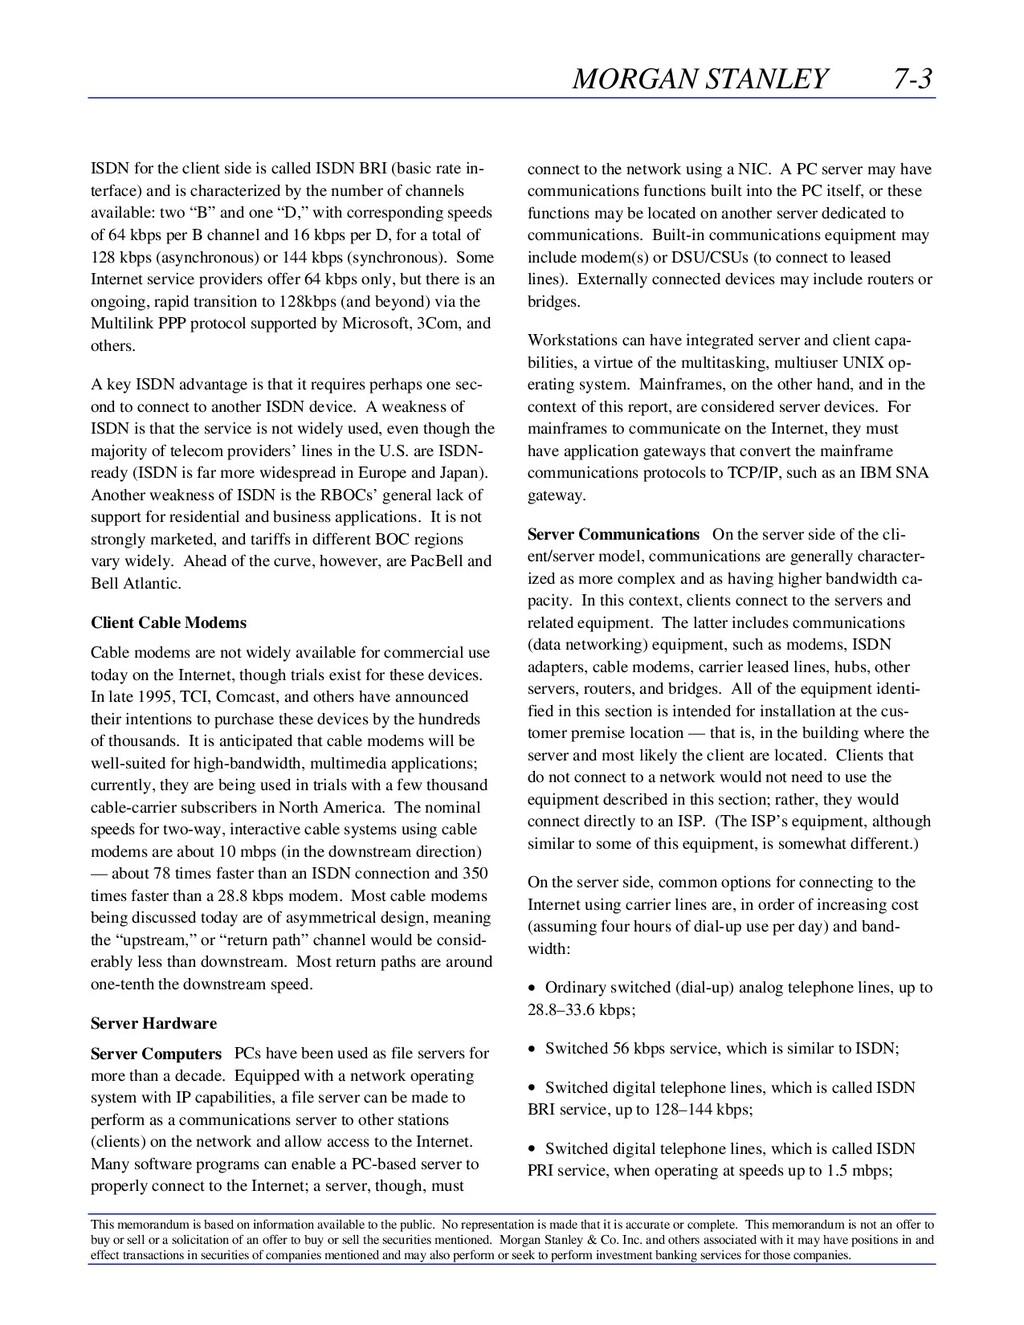 MORGAN STANLEY 7-3 This memorandum is based on ...